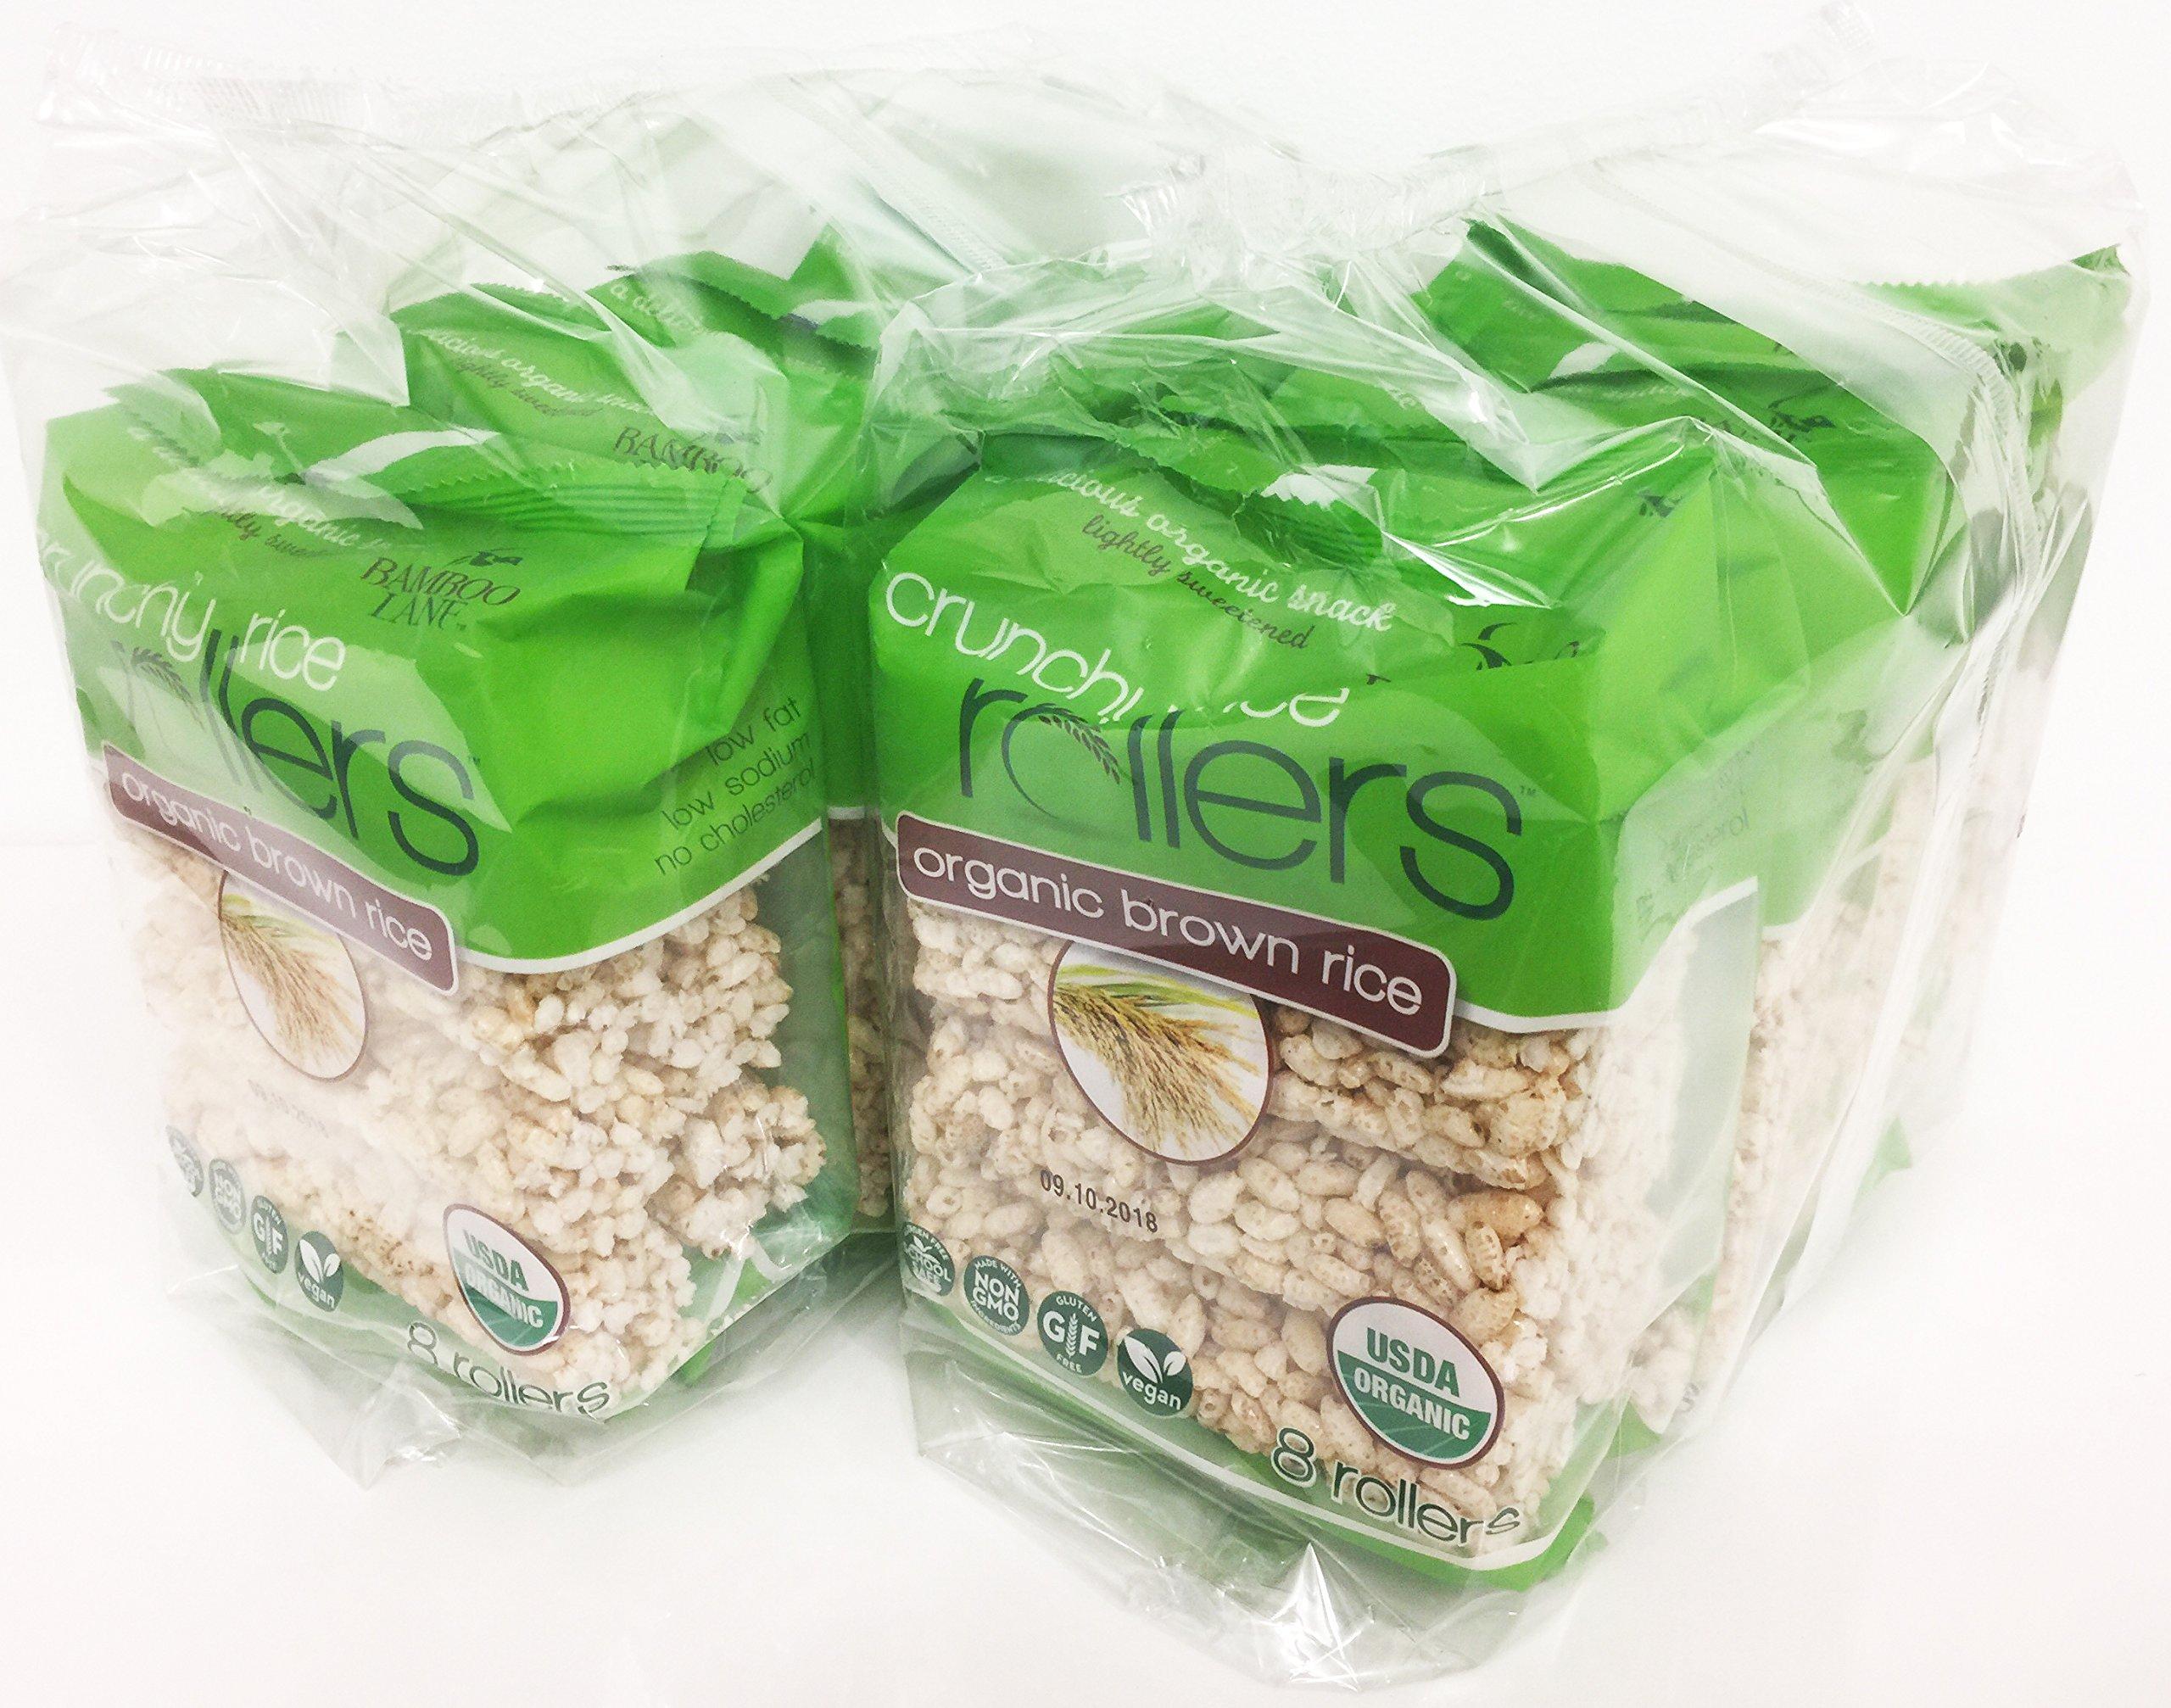 Crunchy Rollers Club Bundle Pack / Organic / Original Brown Rice, 14oz, 2 Bundles (4 packs of 8 rollers each)